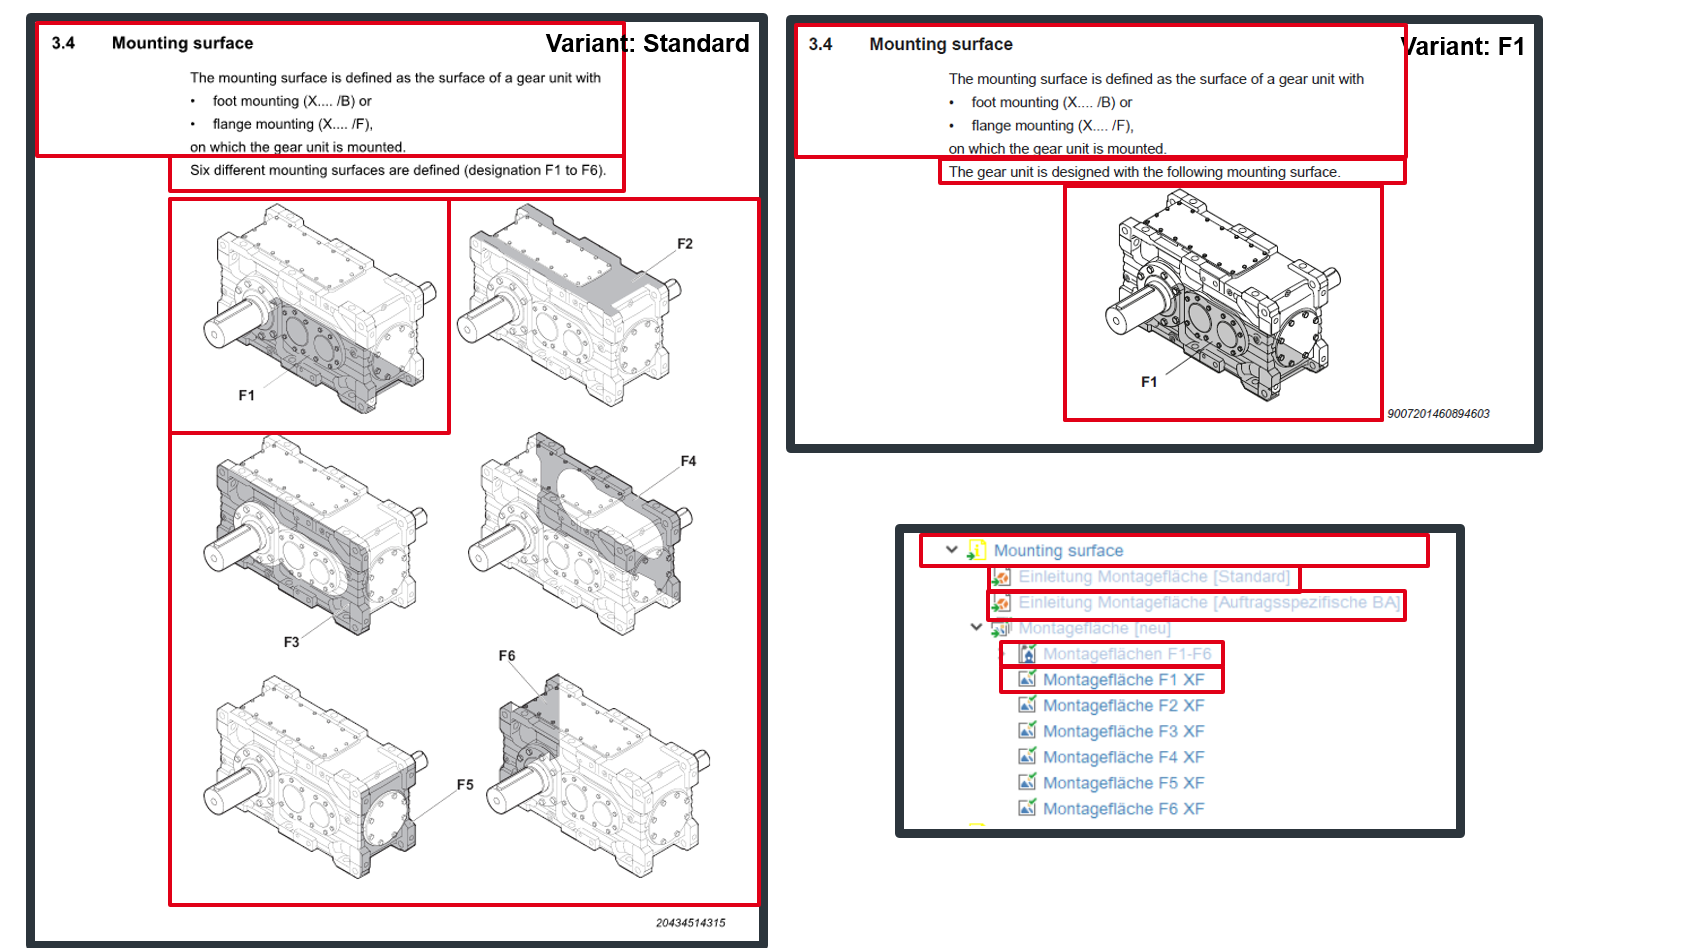 Verschiedene Dokumentvarianten